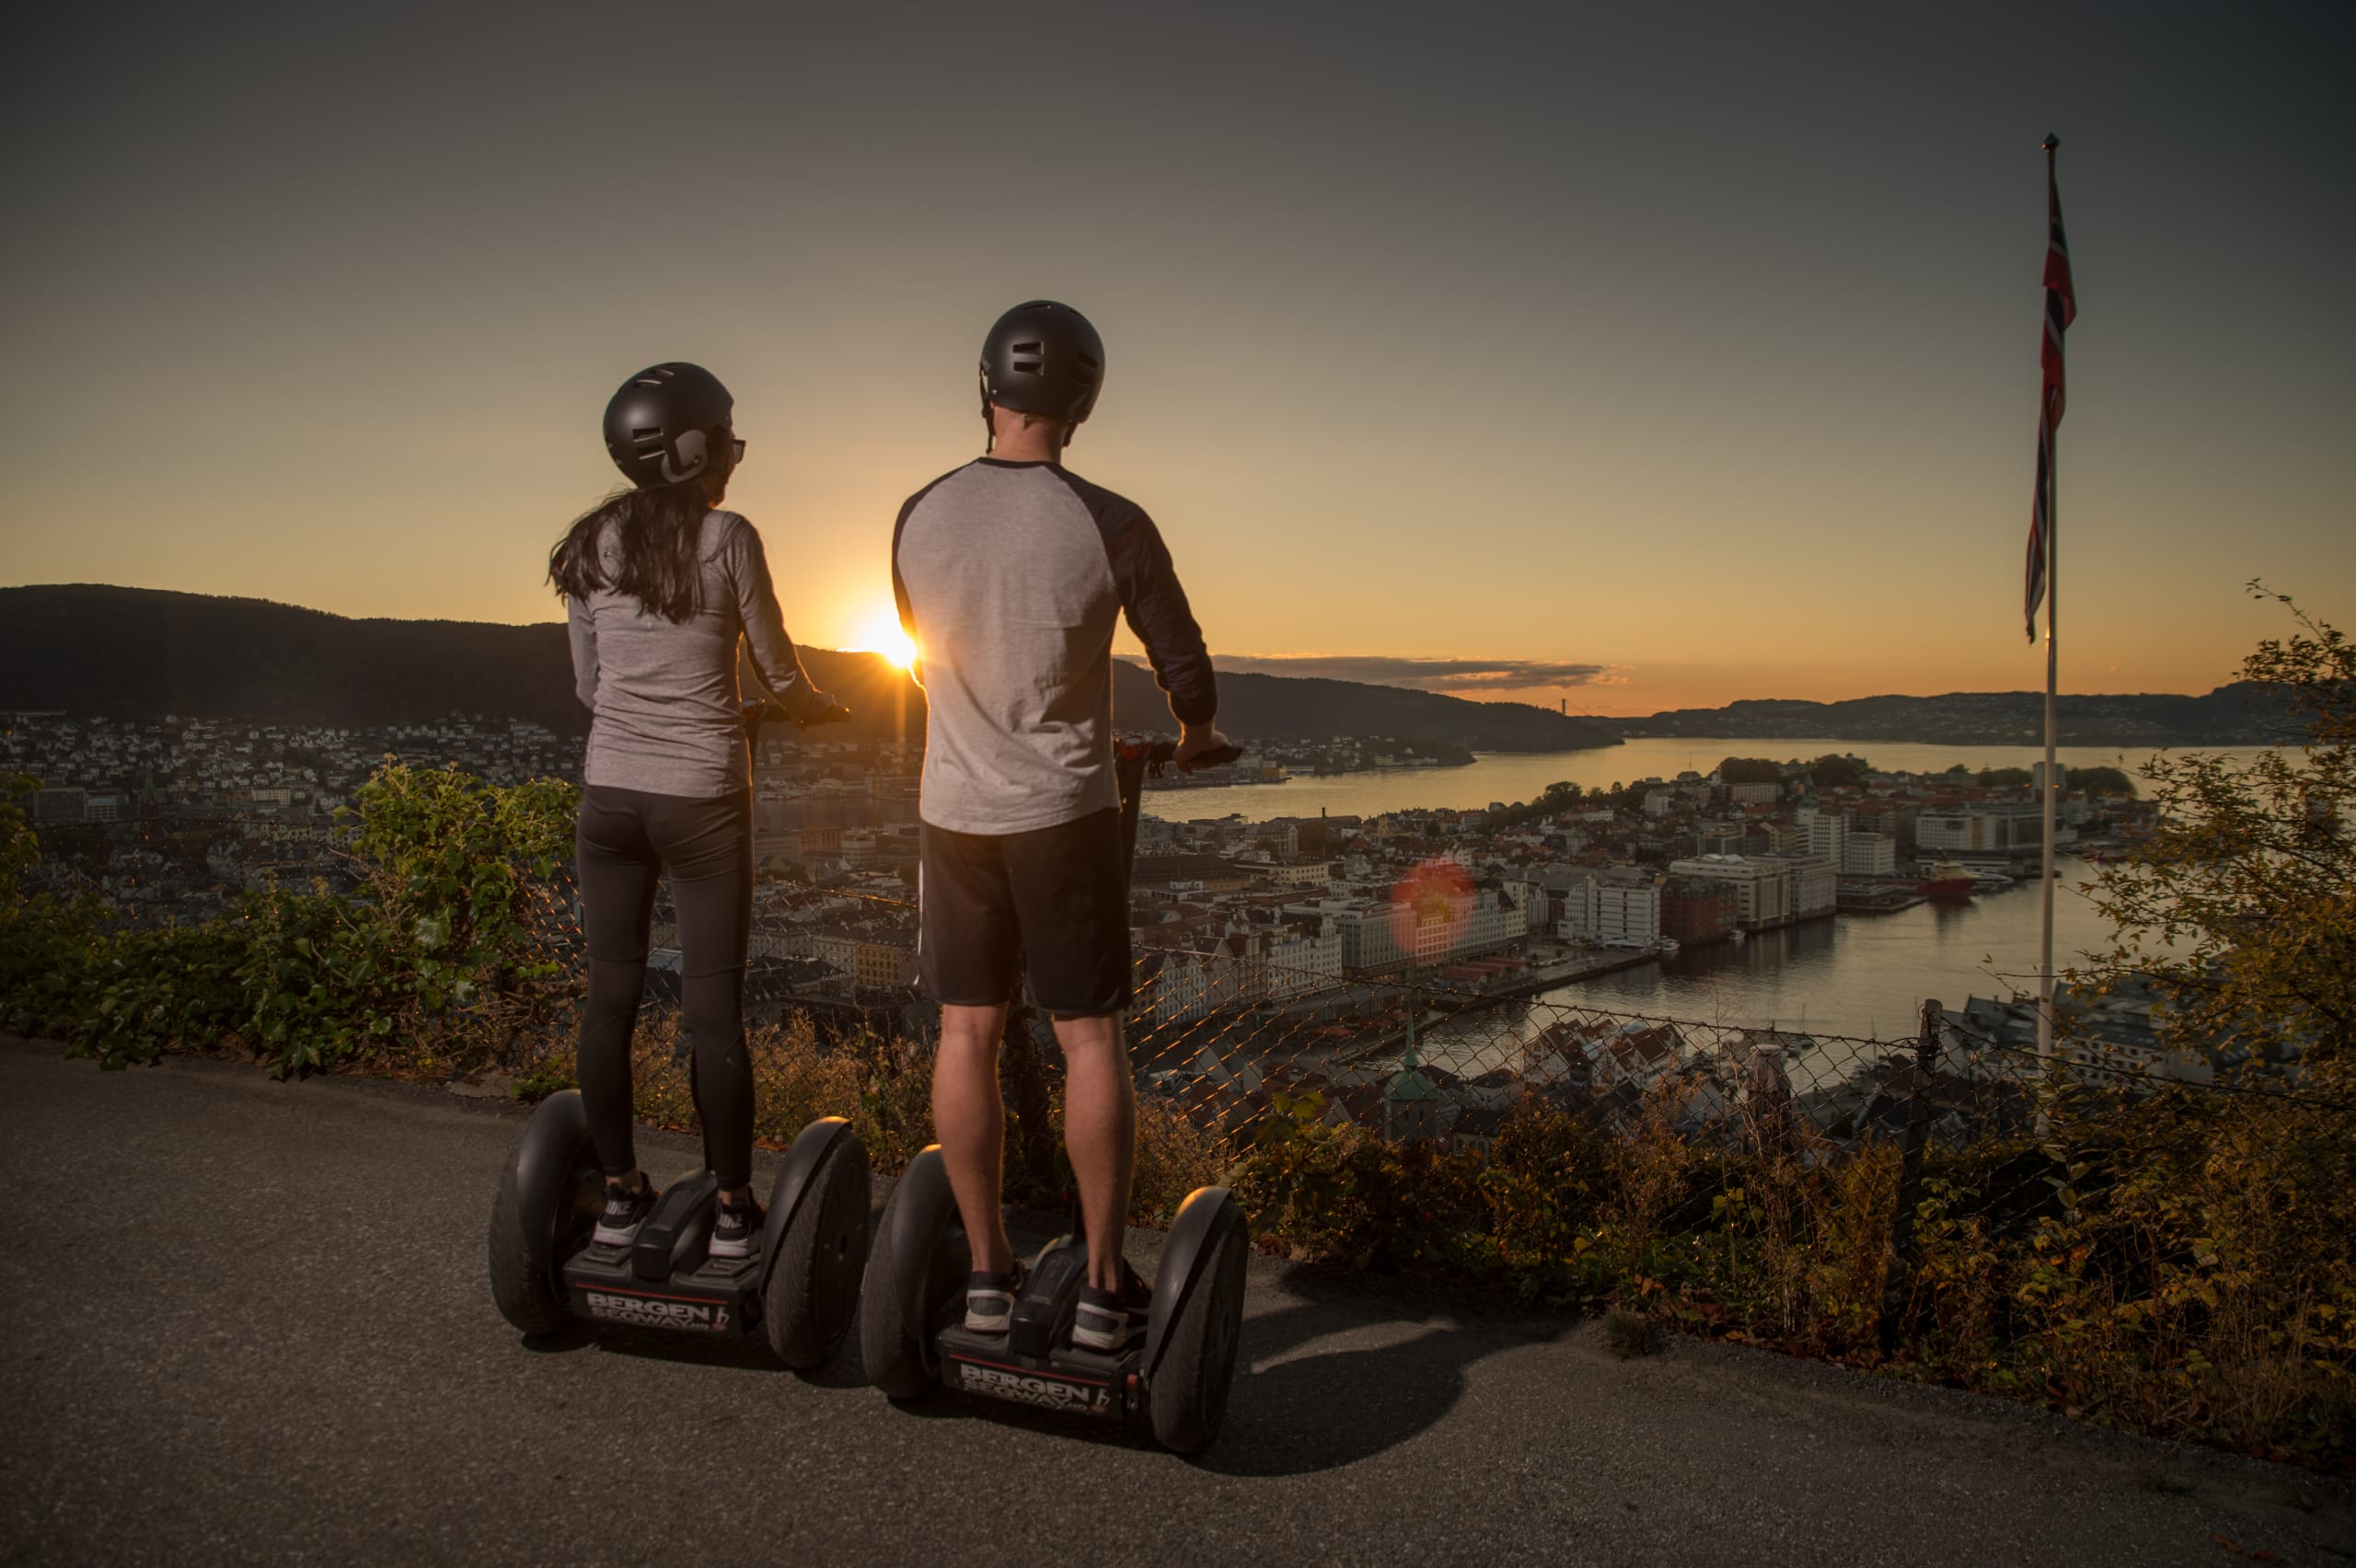 Segway tour to Fjellveien